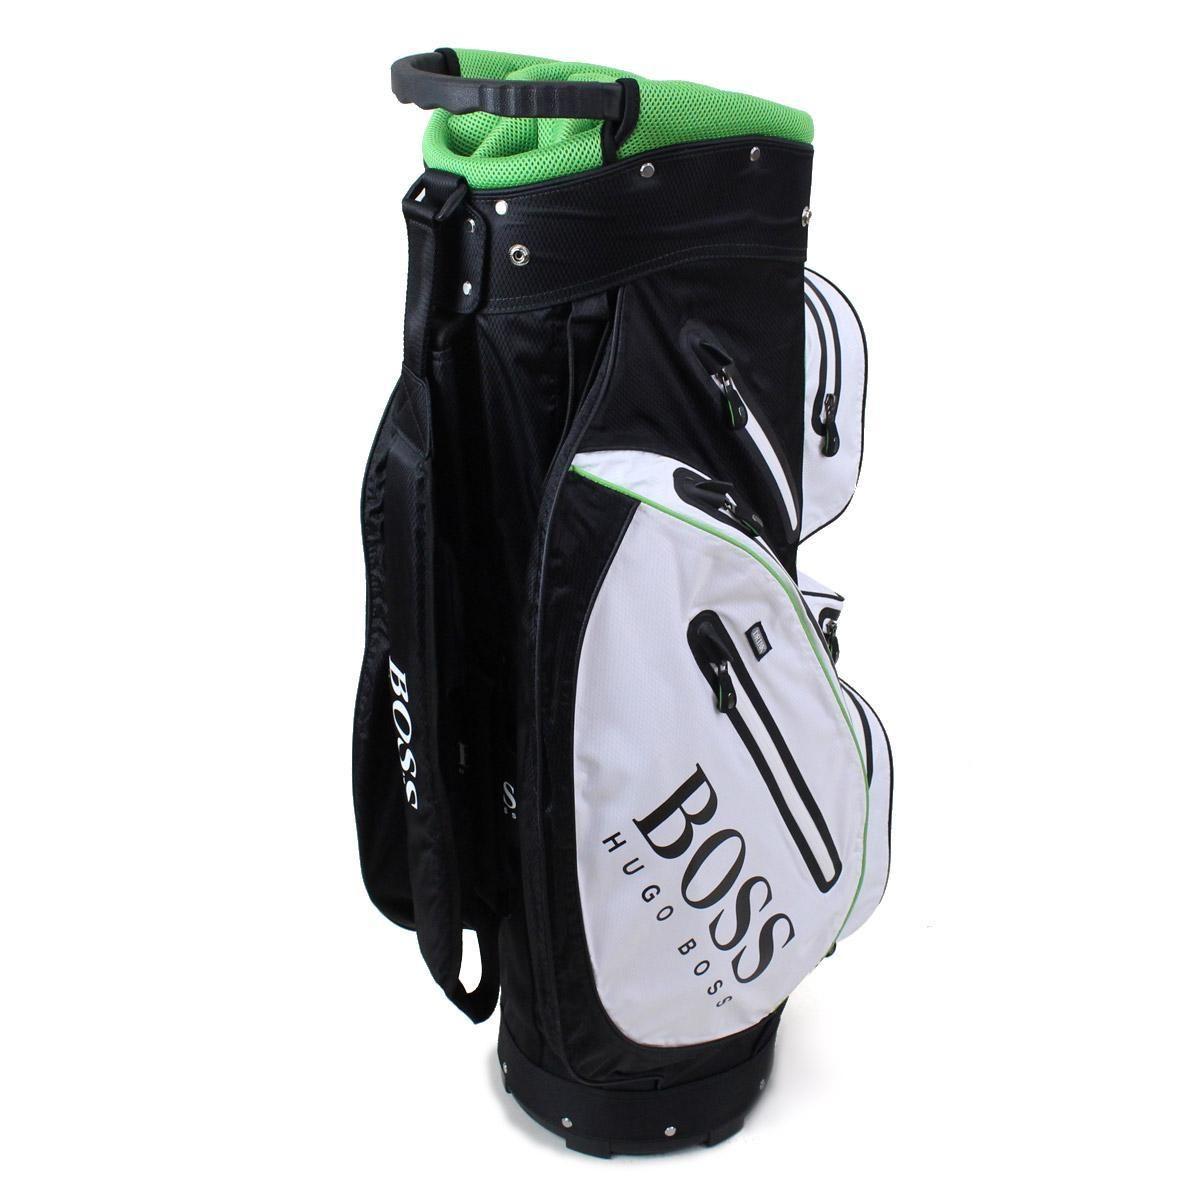 ヒューゴ ボス (HUGO BOSS) BOSS Green ボス グリーン ゴルフバッグ キャディバッグ 50311766 10180633 001 ブラック/ホワイト系/グリーン系